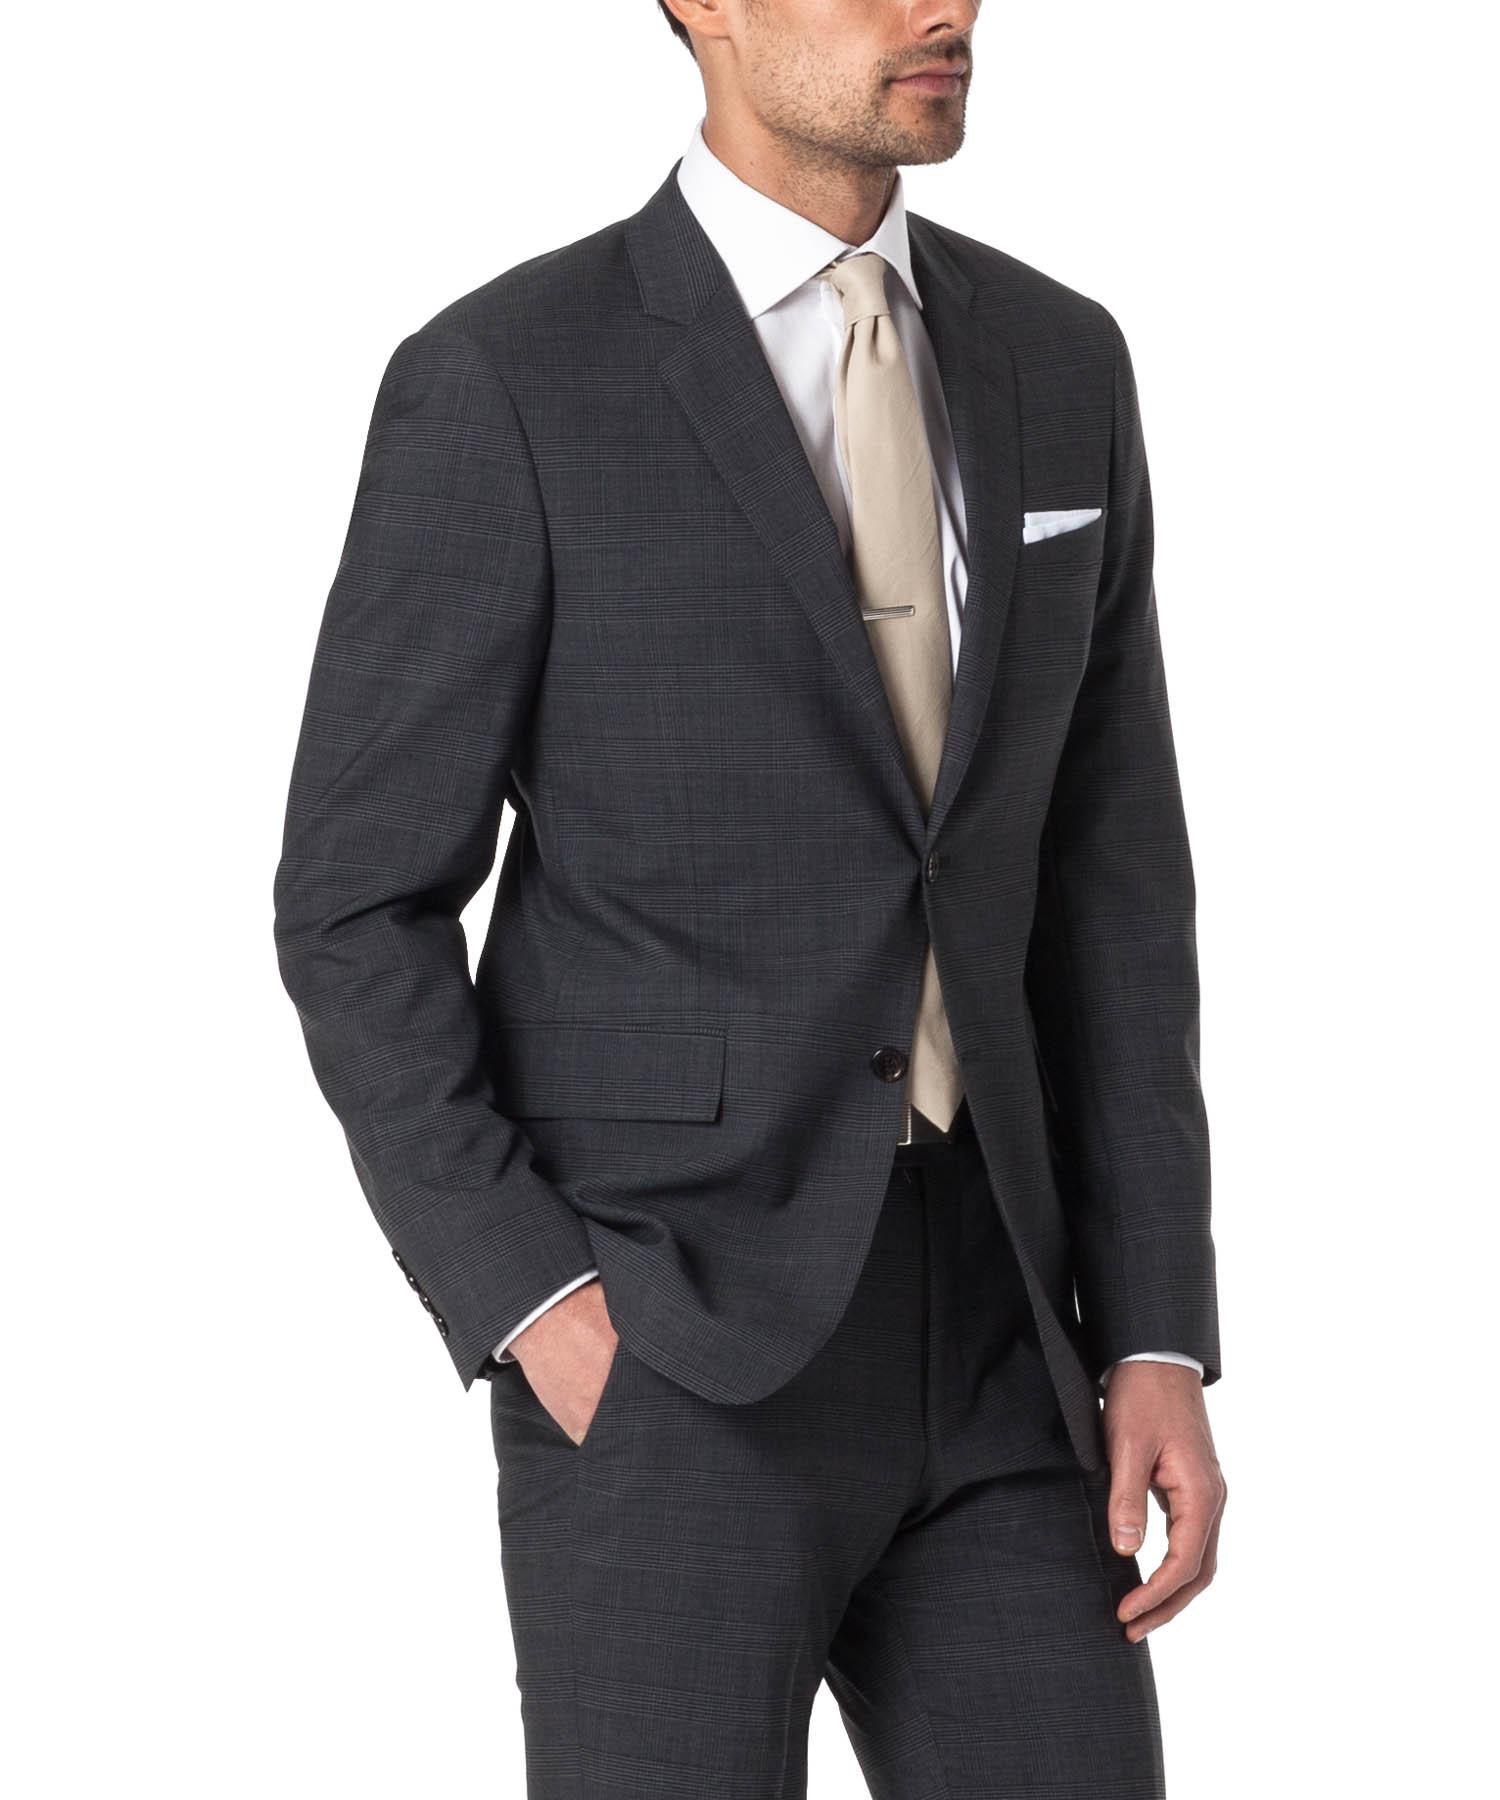 Todd snyder The Mayfair Three Piece Suit In Dark Grey Glen Plaid ...